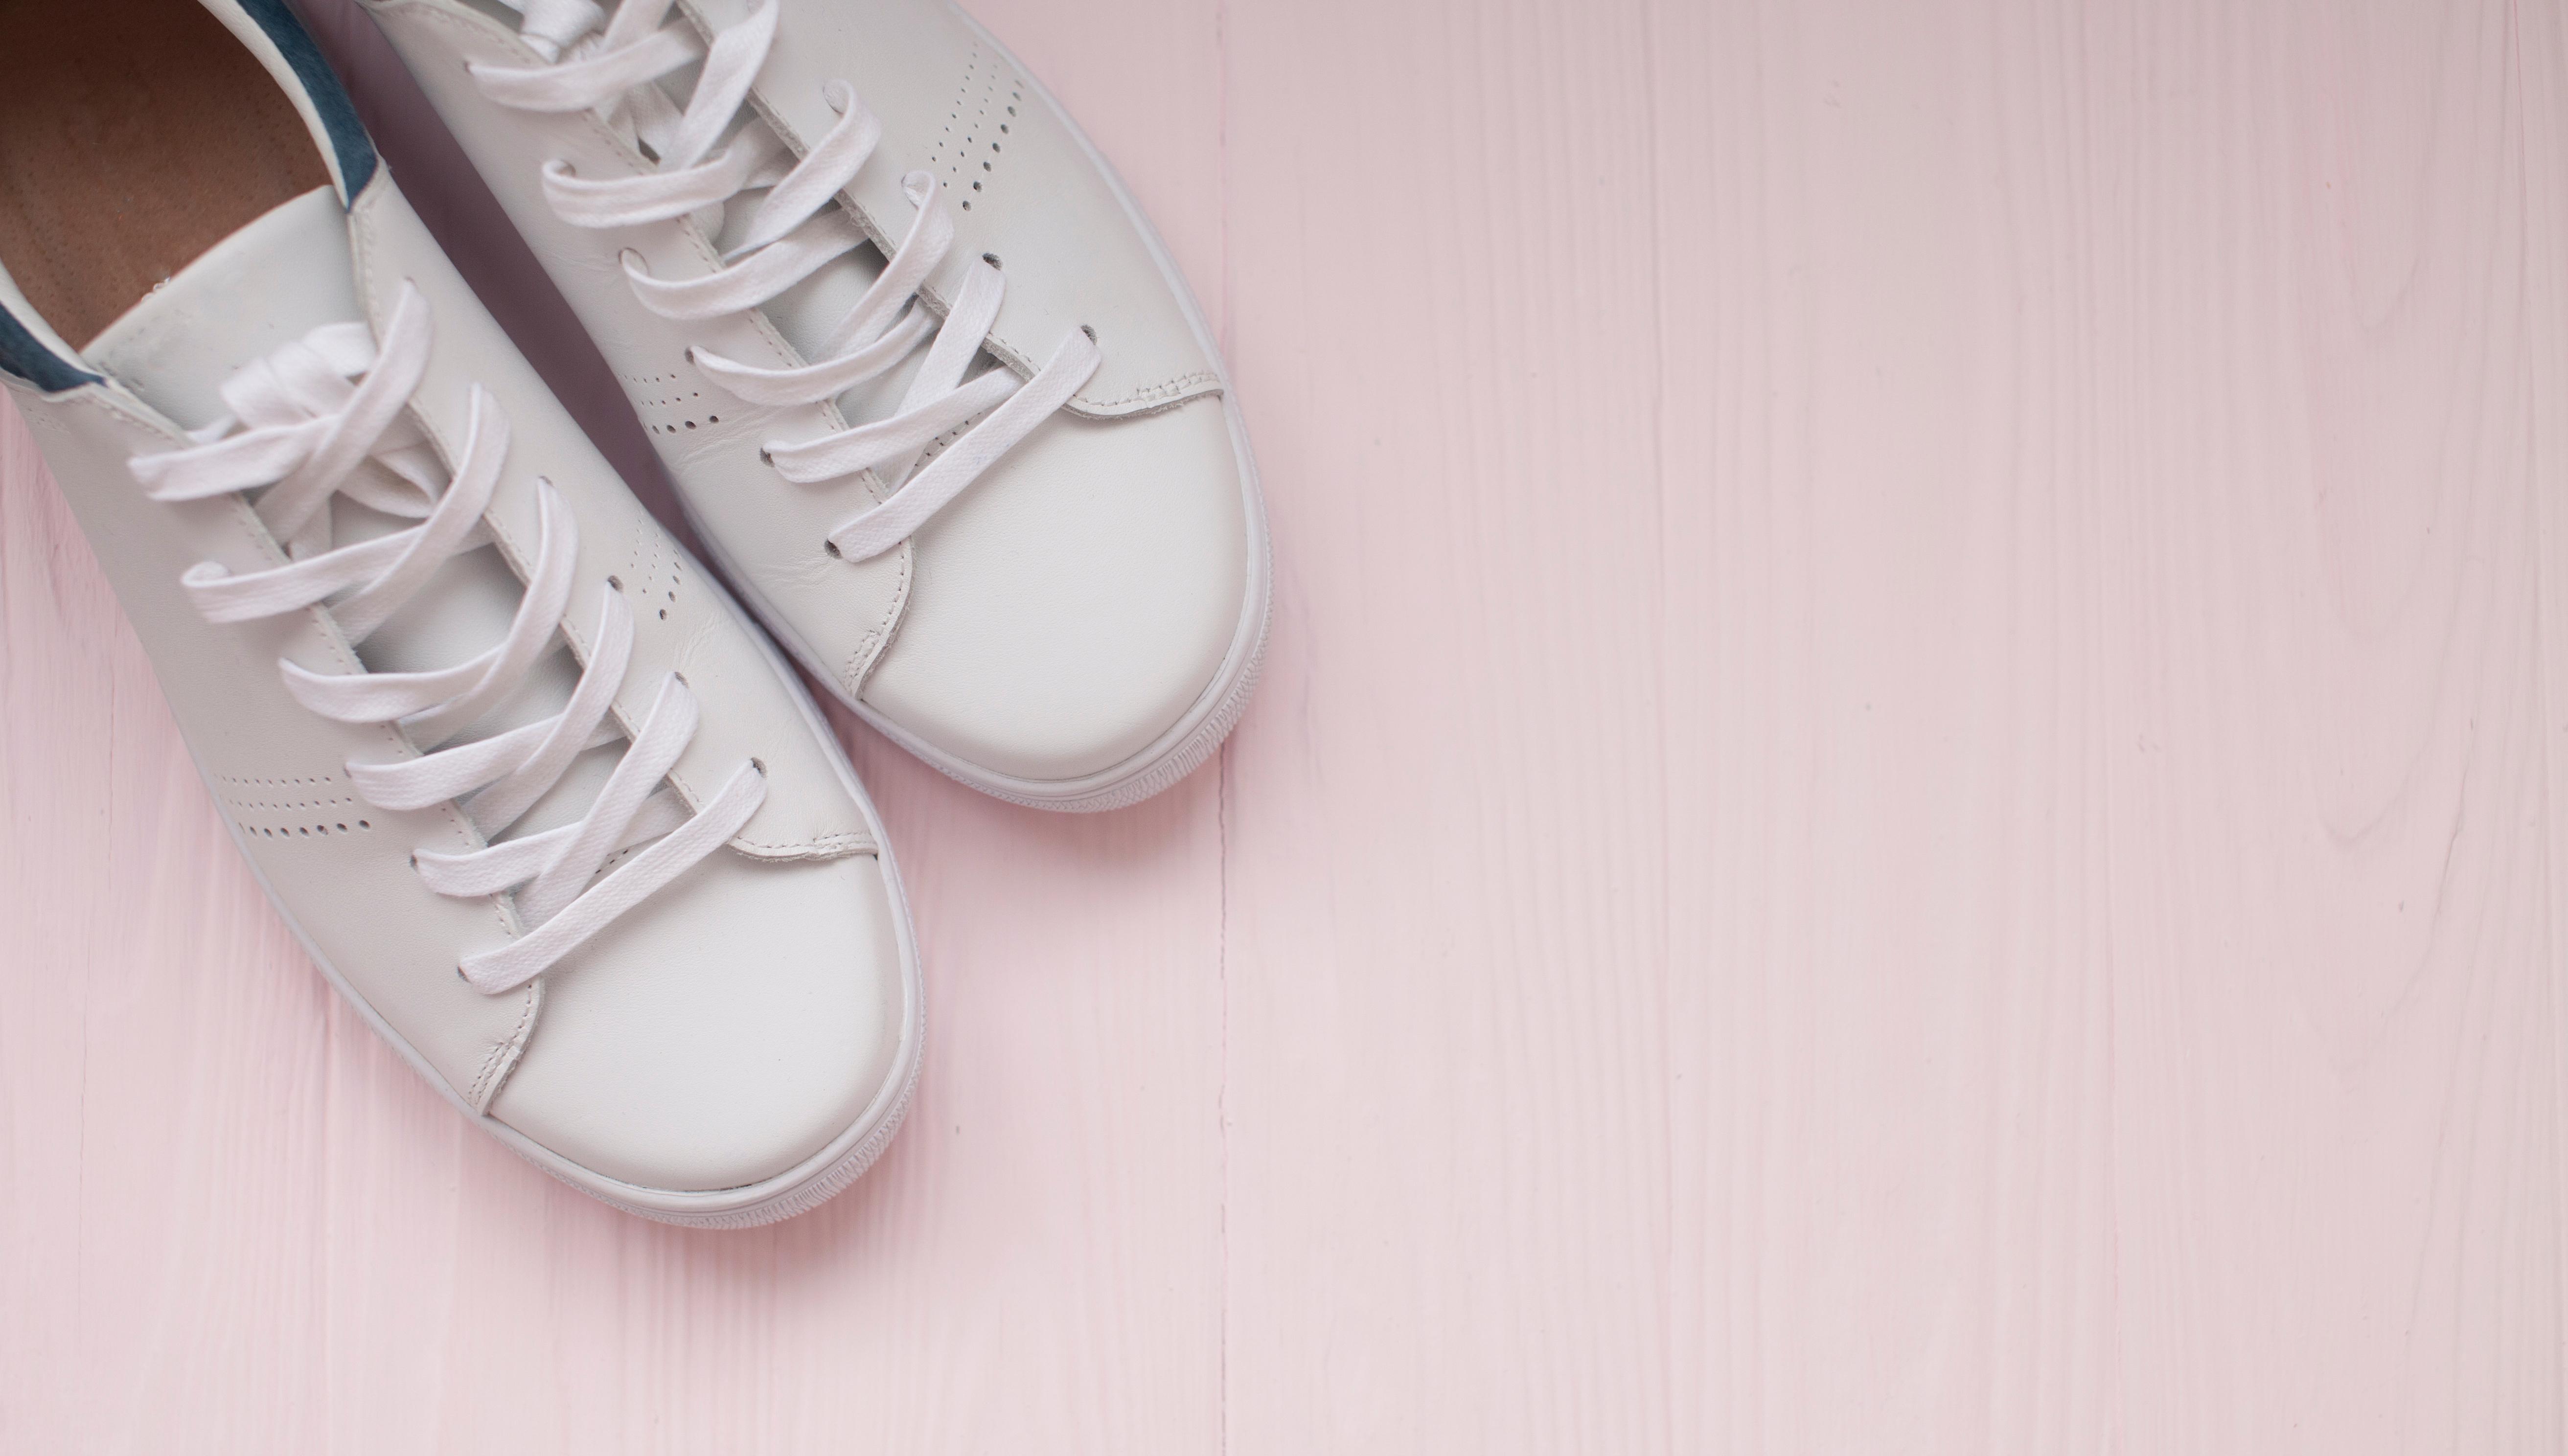 6d88a9af2f Így tüntetheted el a sportcipődről a repedéseket, gyűrődéseket – videó